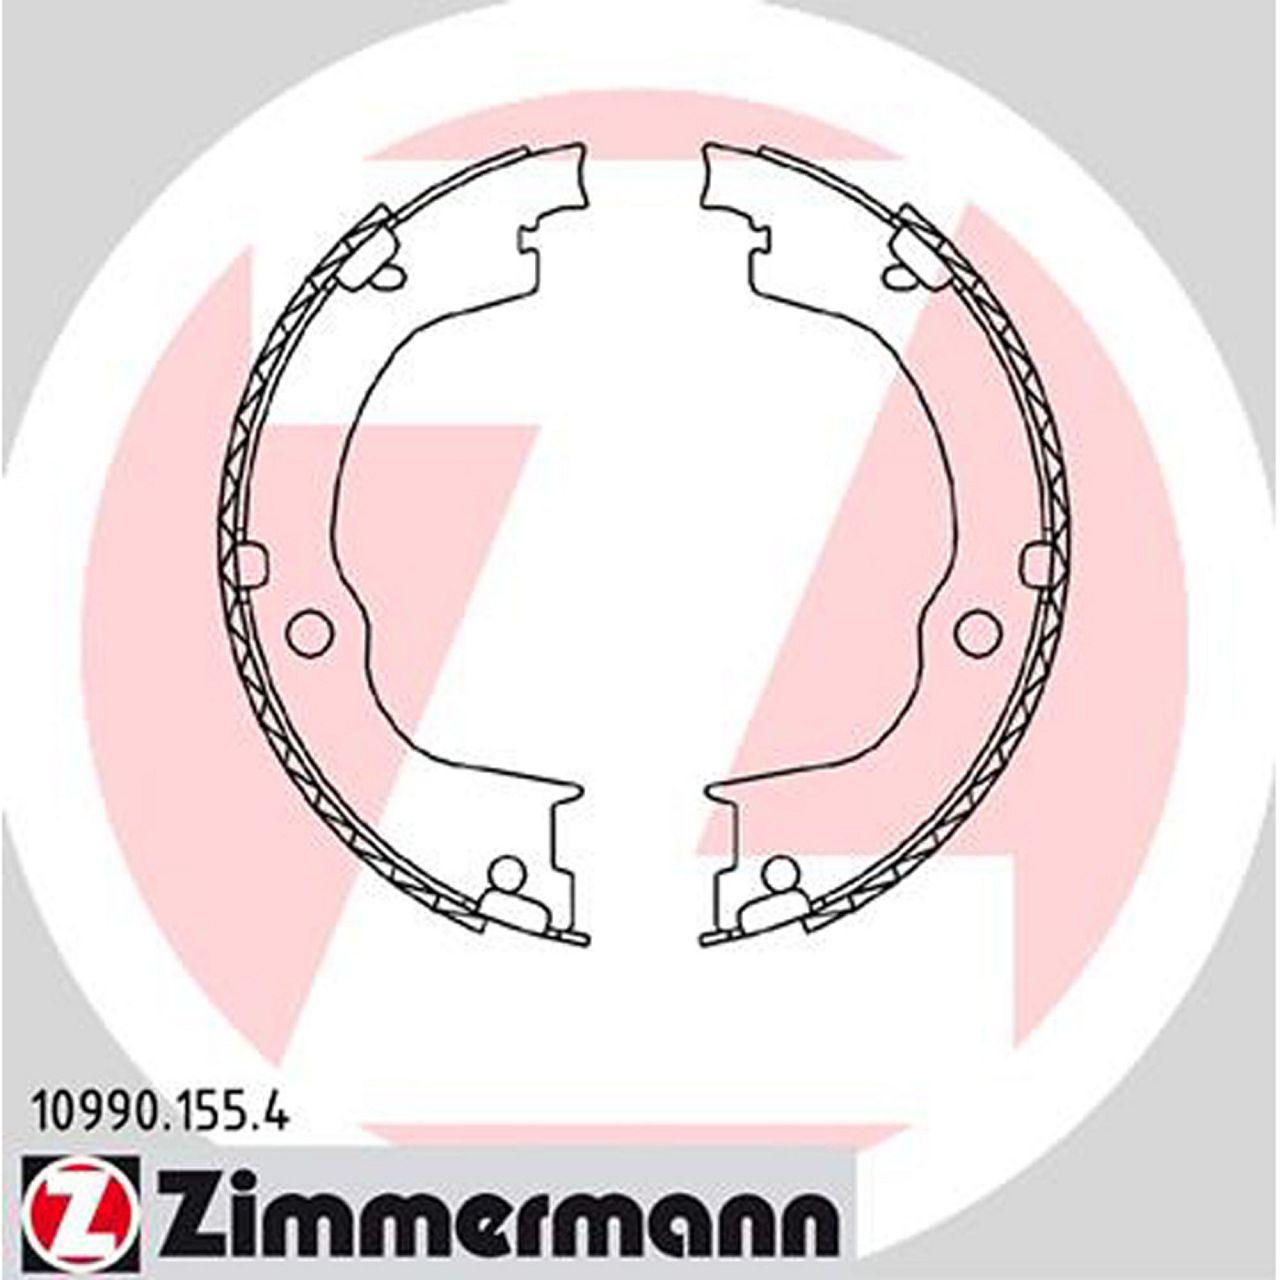 ZIMMERMANN Bremsbacken für Chevrolet Captiva ab 06.2006 Opel Antara ab 05.2006